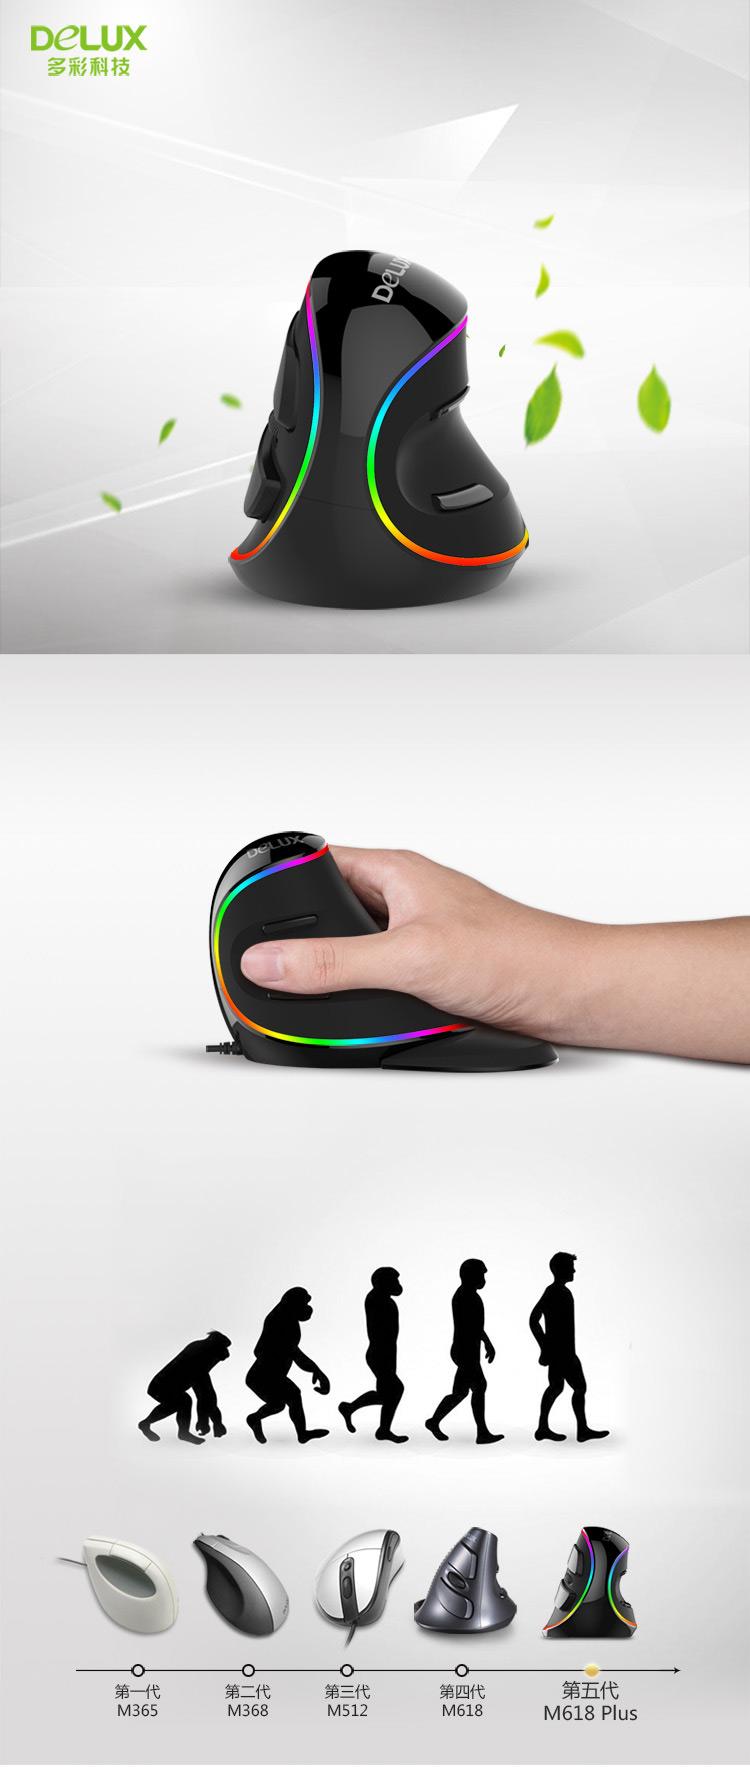 多彩(Delux)M618Plus有线光电幻彩RGB垂直鼠标 幻彩版-京东